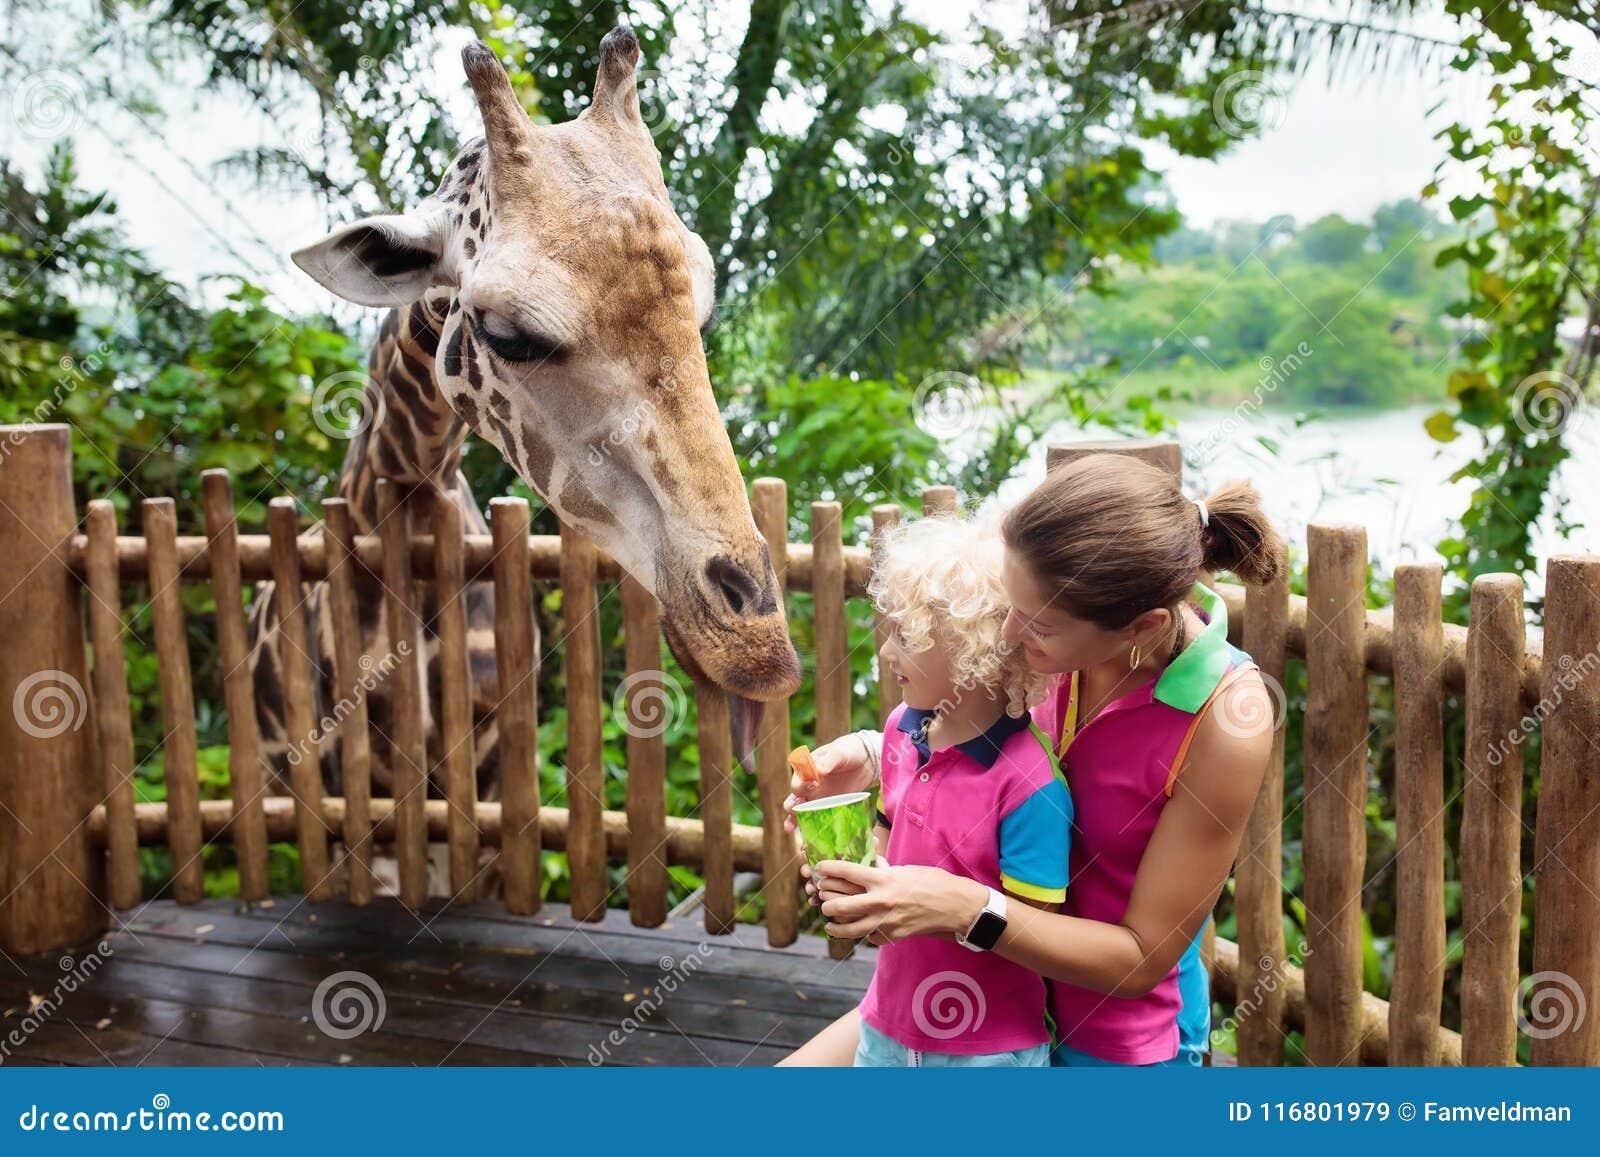 Girafe d alimentation d enfants au zoo Famille au parc de safari